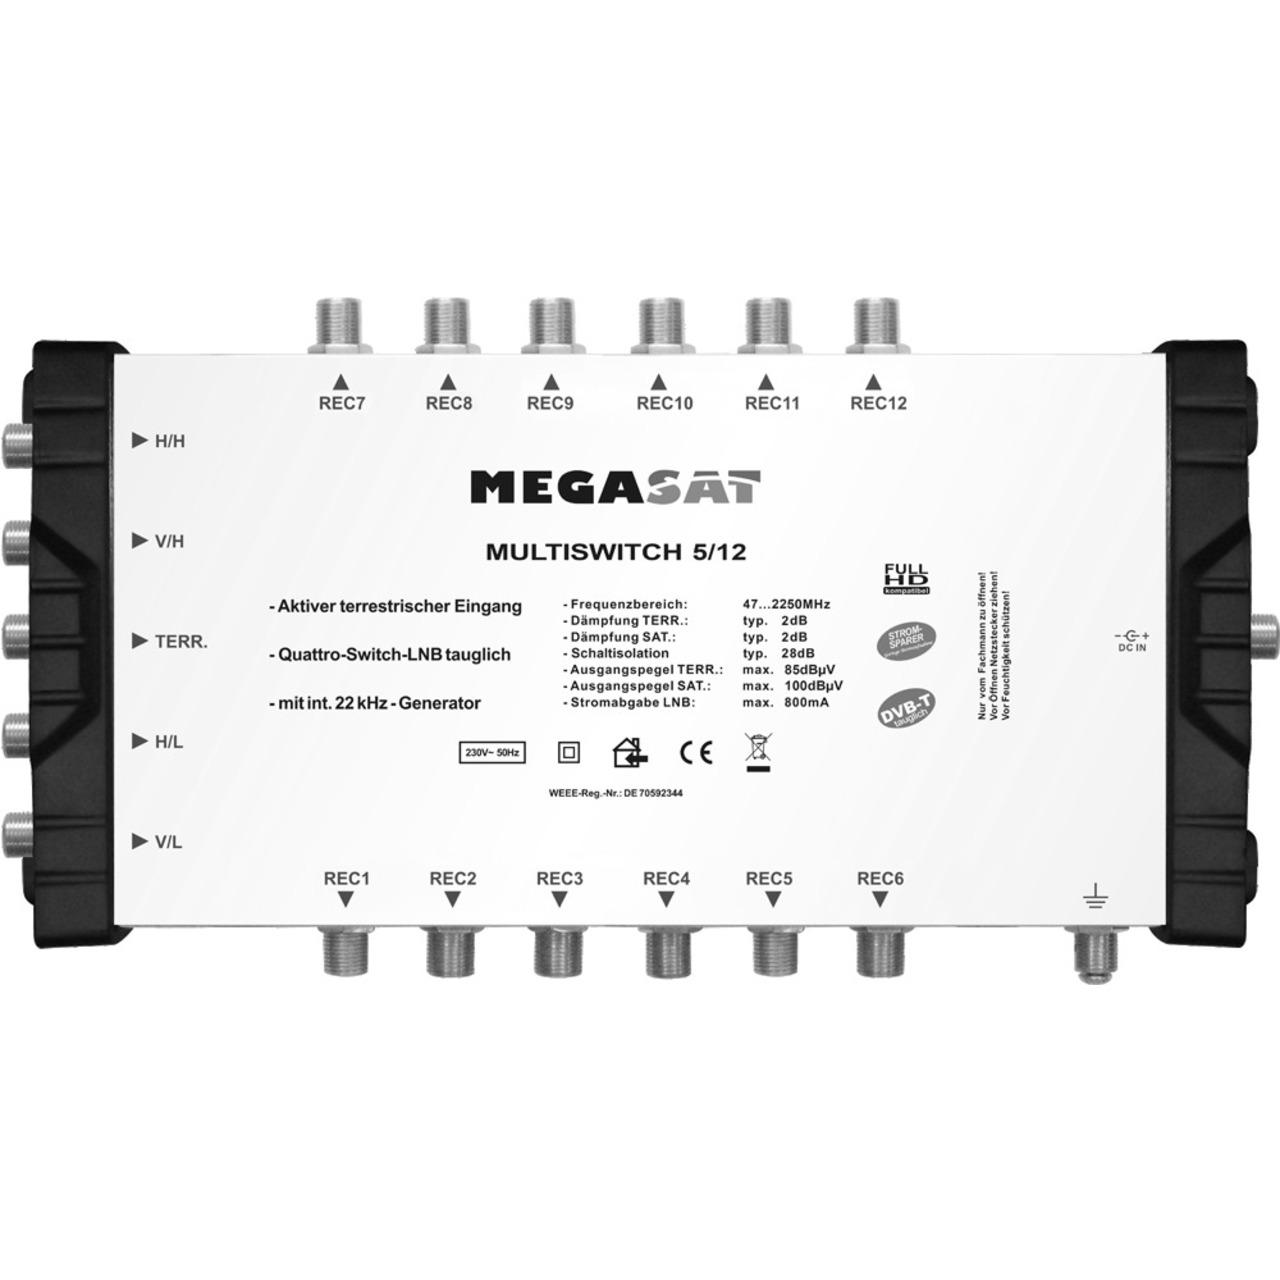 Megasat Multischalter 5/12- 1 Satellit- 12 Teilnehmer